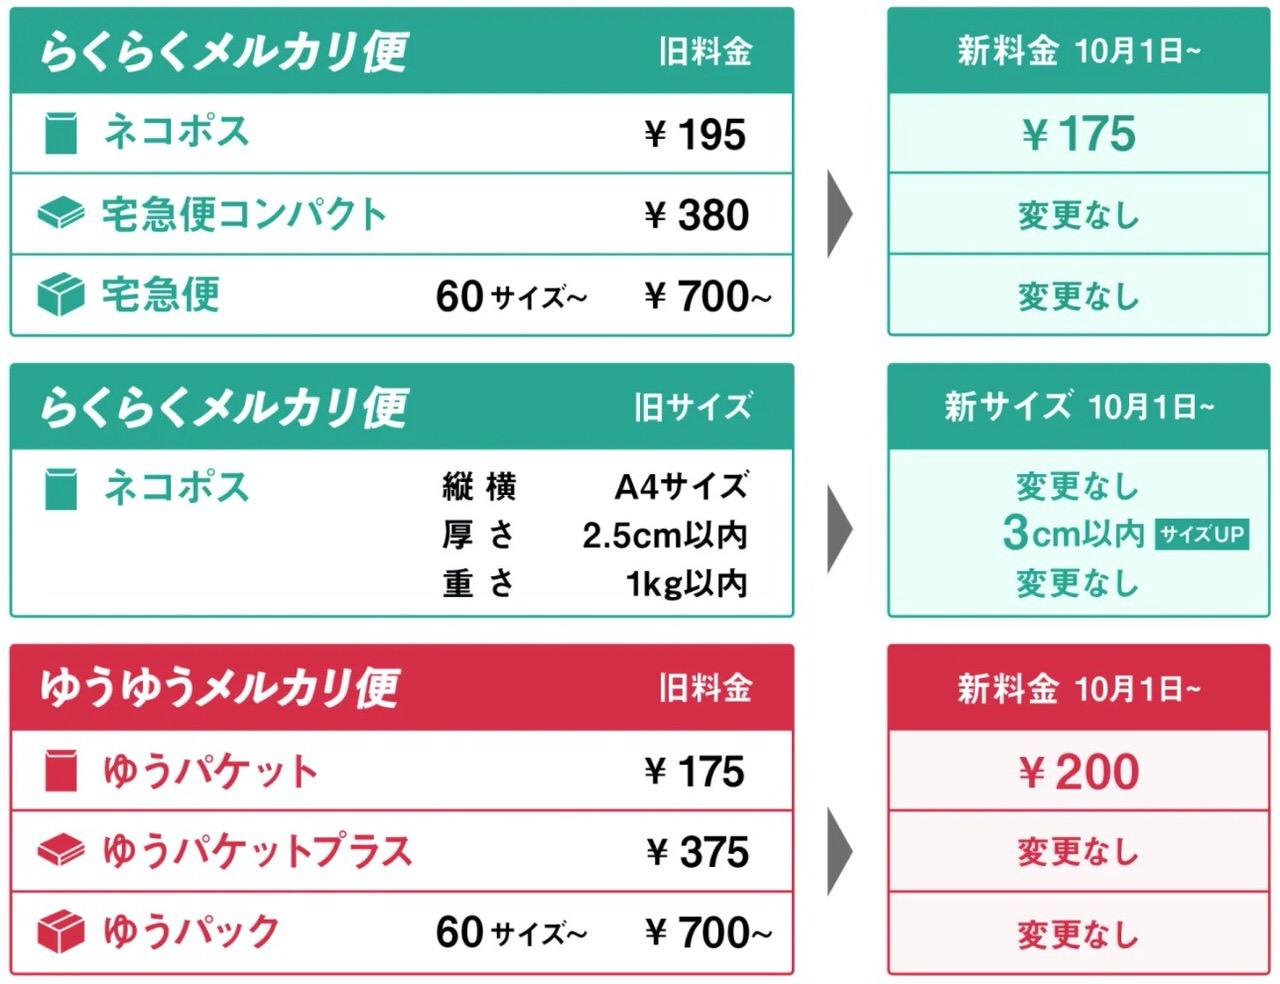 【メルカリ】「らくらくメルカリ便」ネコポスが195円→175円に値下げ&厚さ2.5cm→3cmに変更